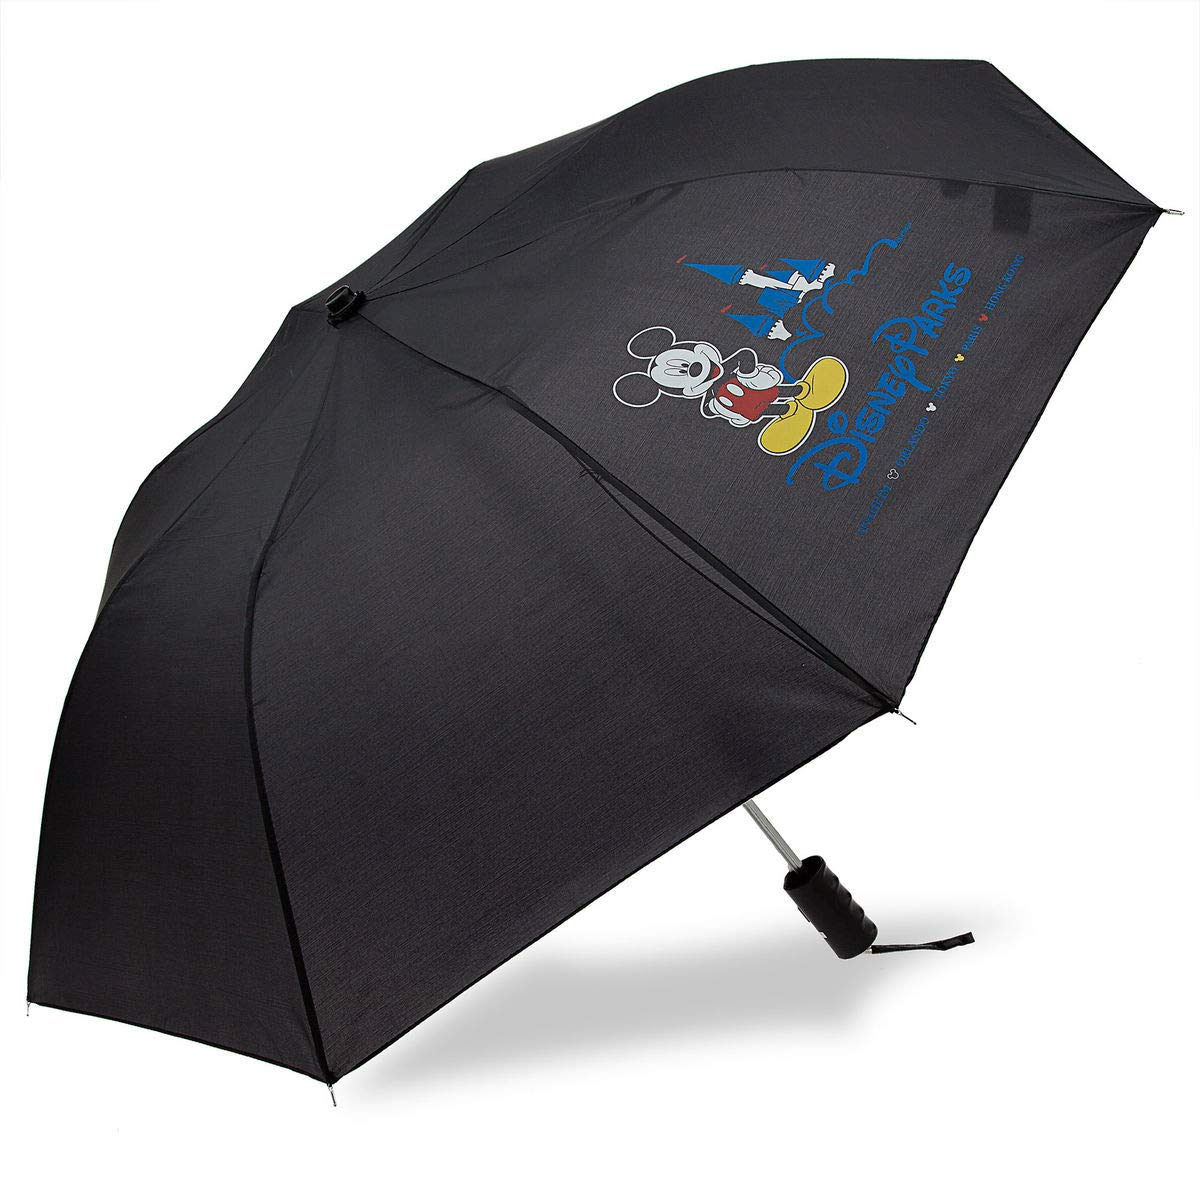 Disney Umbrella - Mickey Mouse Disney Parks - Disney Parks Original